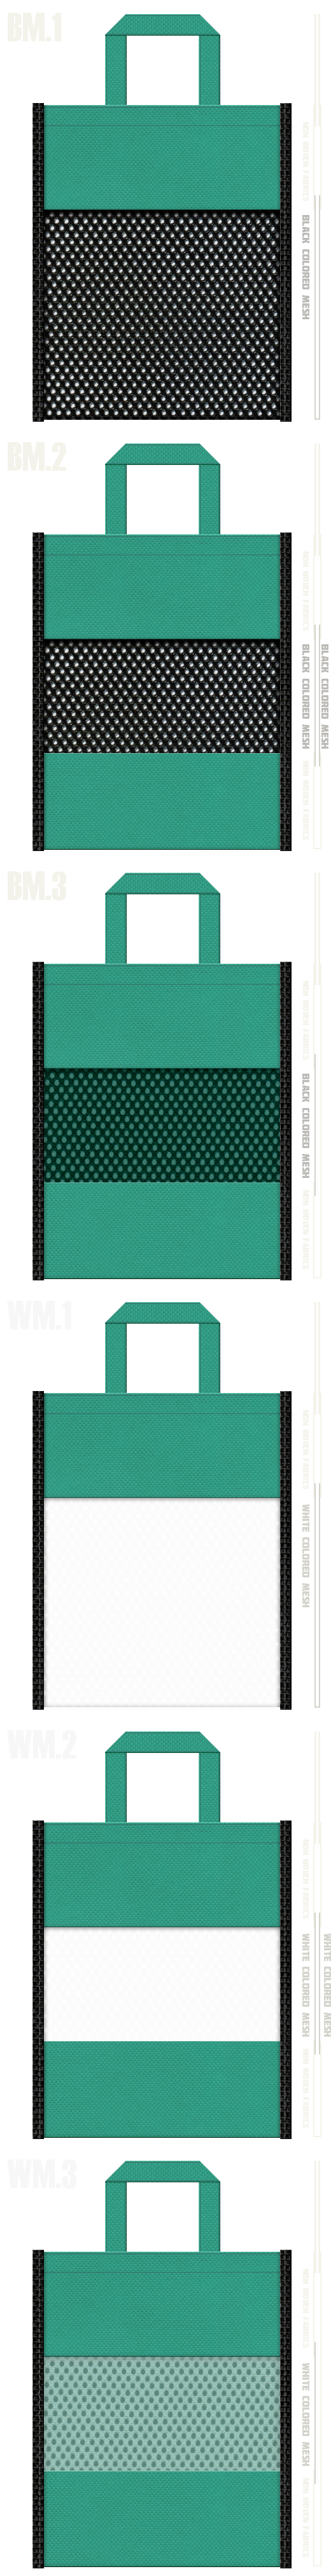 フラットタイプのメッシュバッグのカラーシミュレーション:黒色・白色メッシュと青緑色不織布の組み合わせ